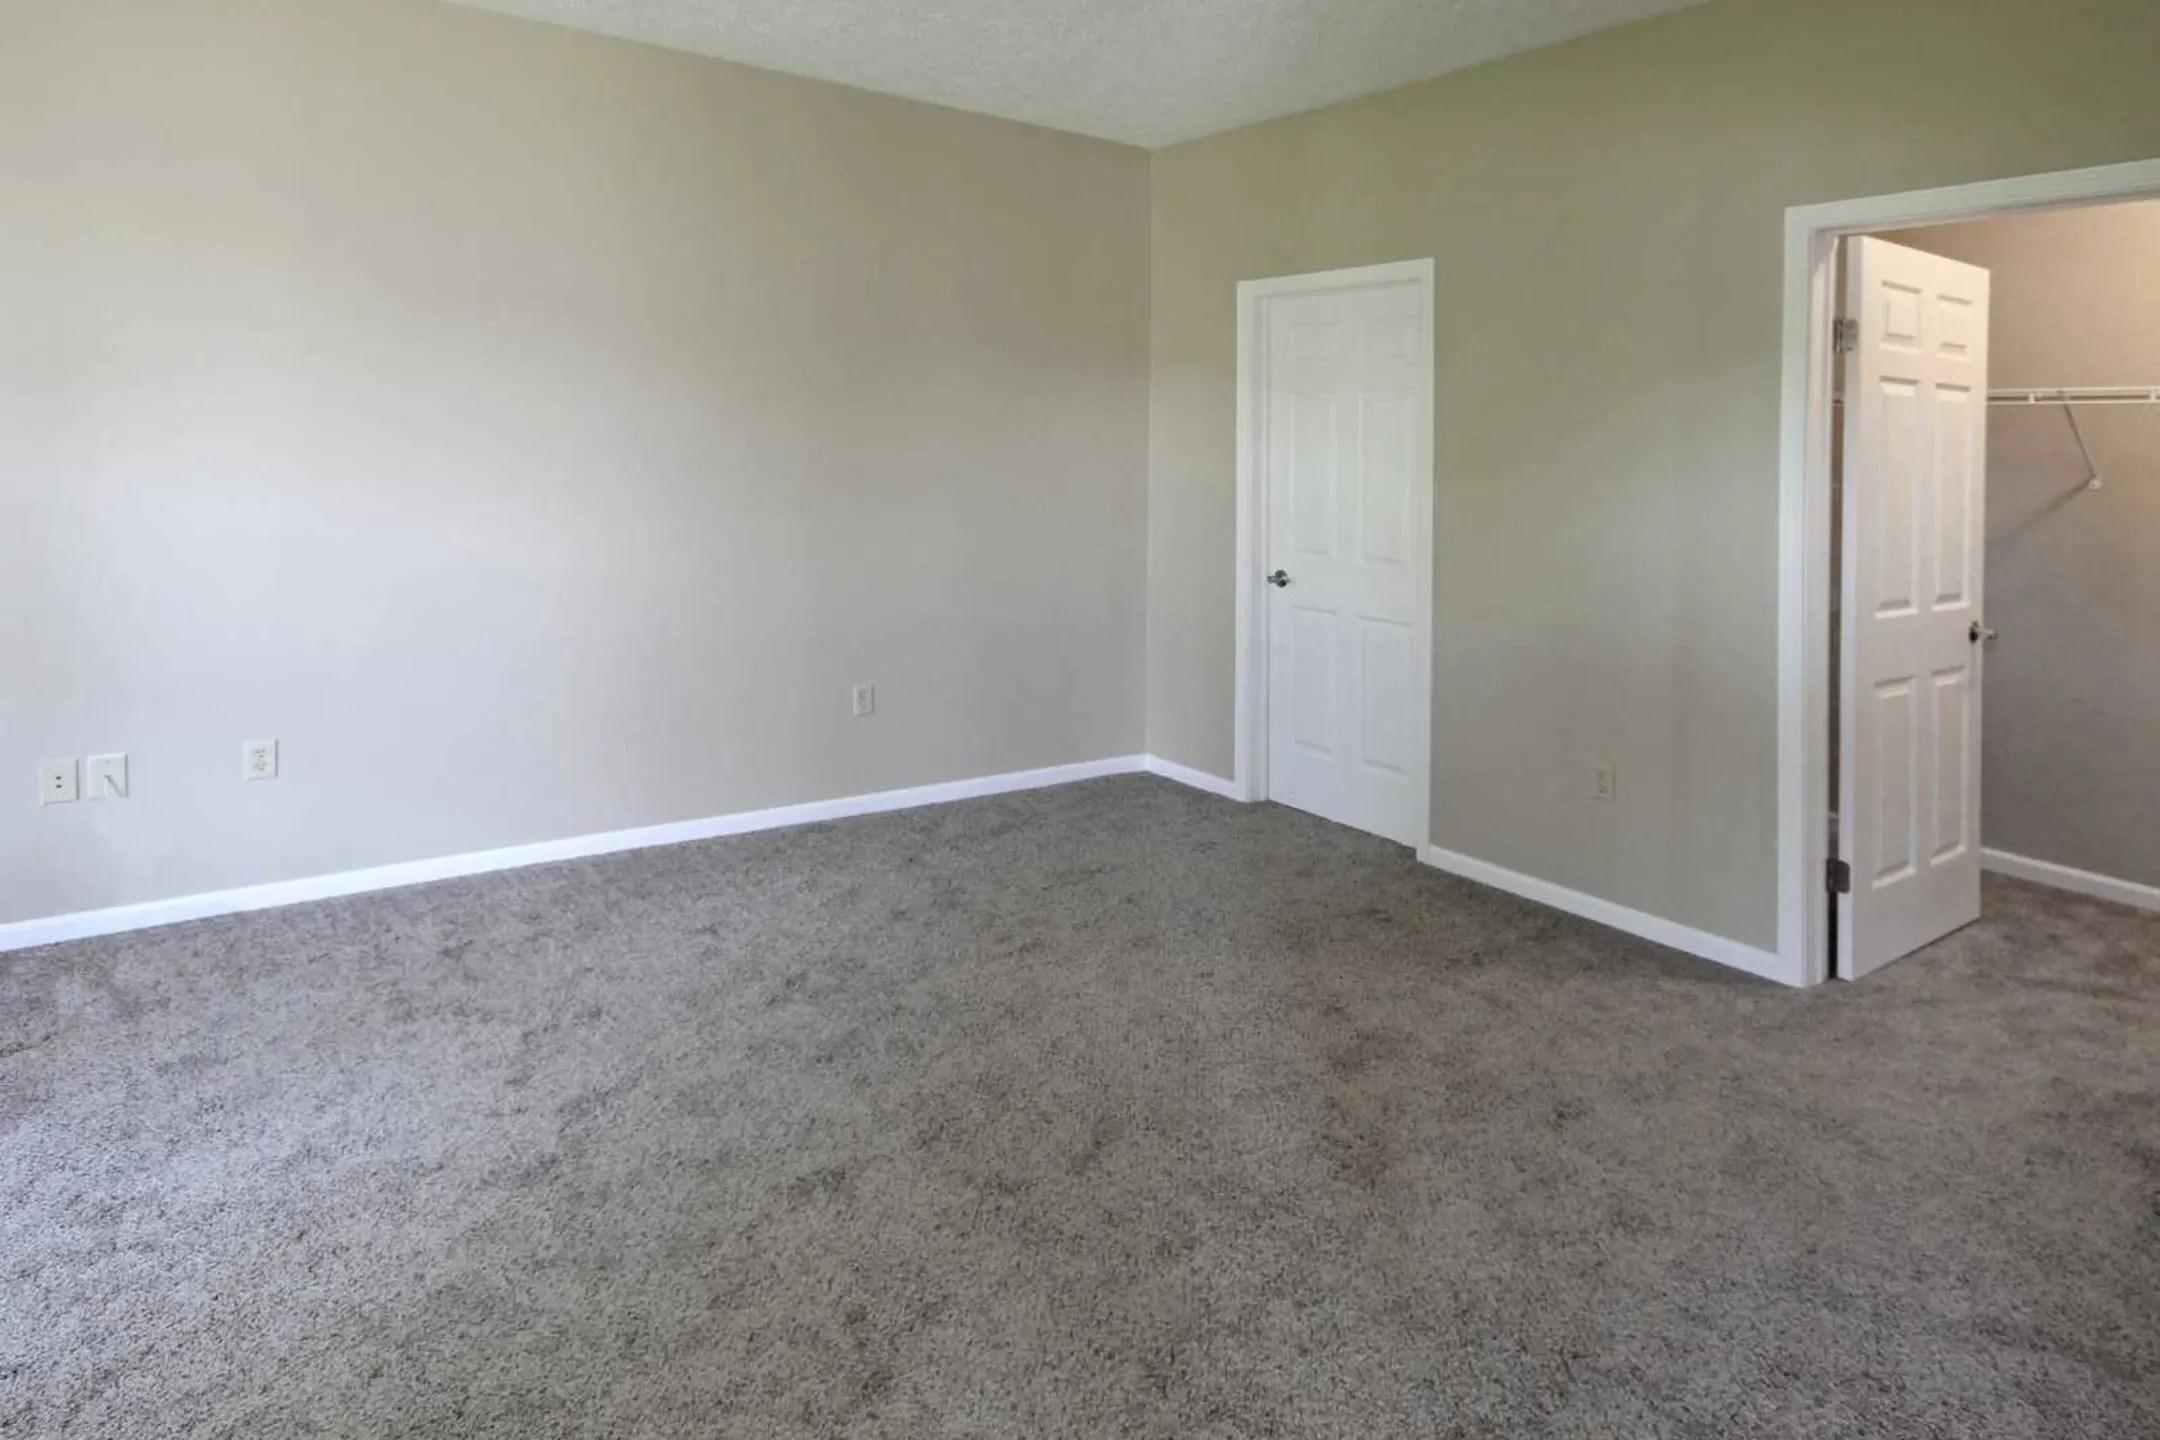 House Rentals Fairport Ny